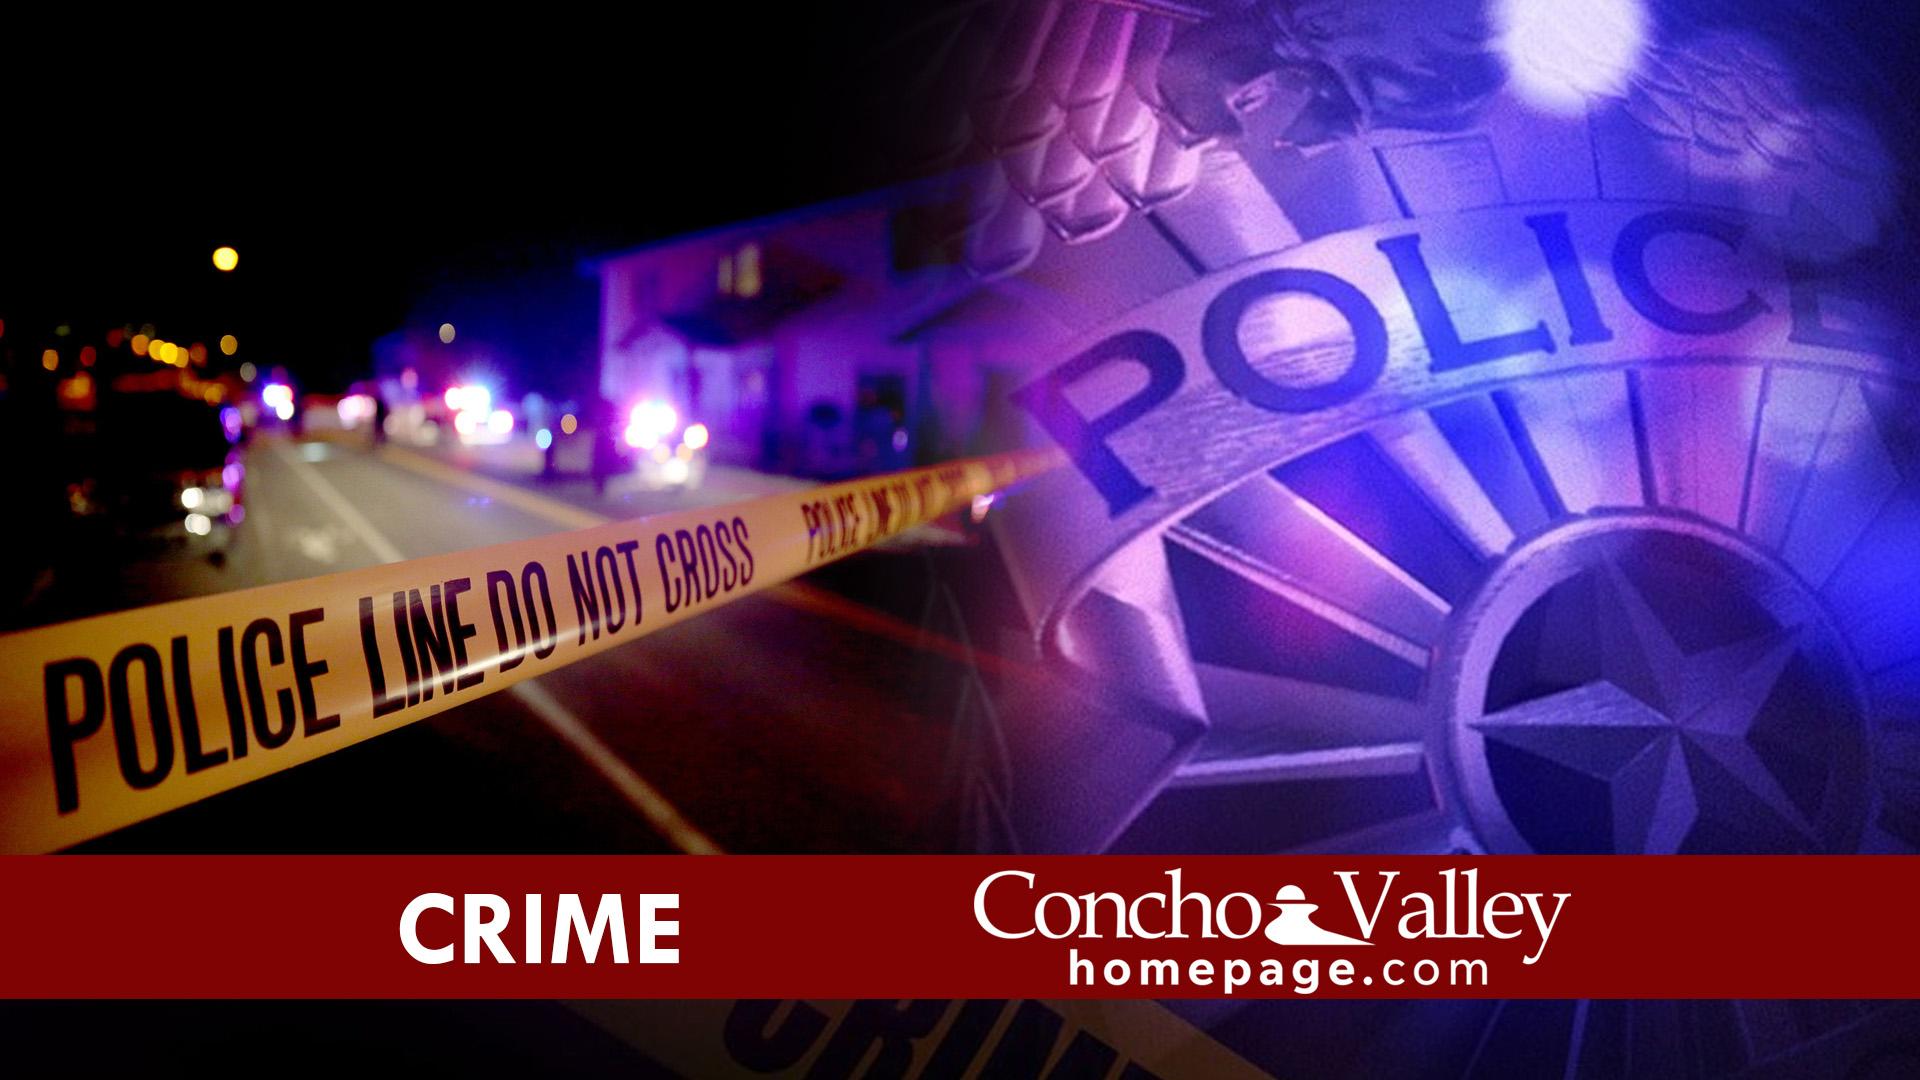 CVHP-1920x1080-Crime_1527593495539.jpg